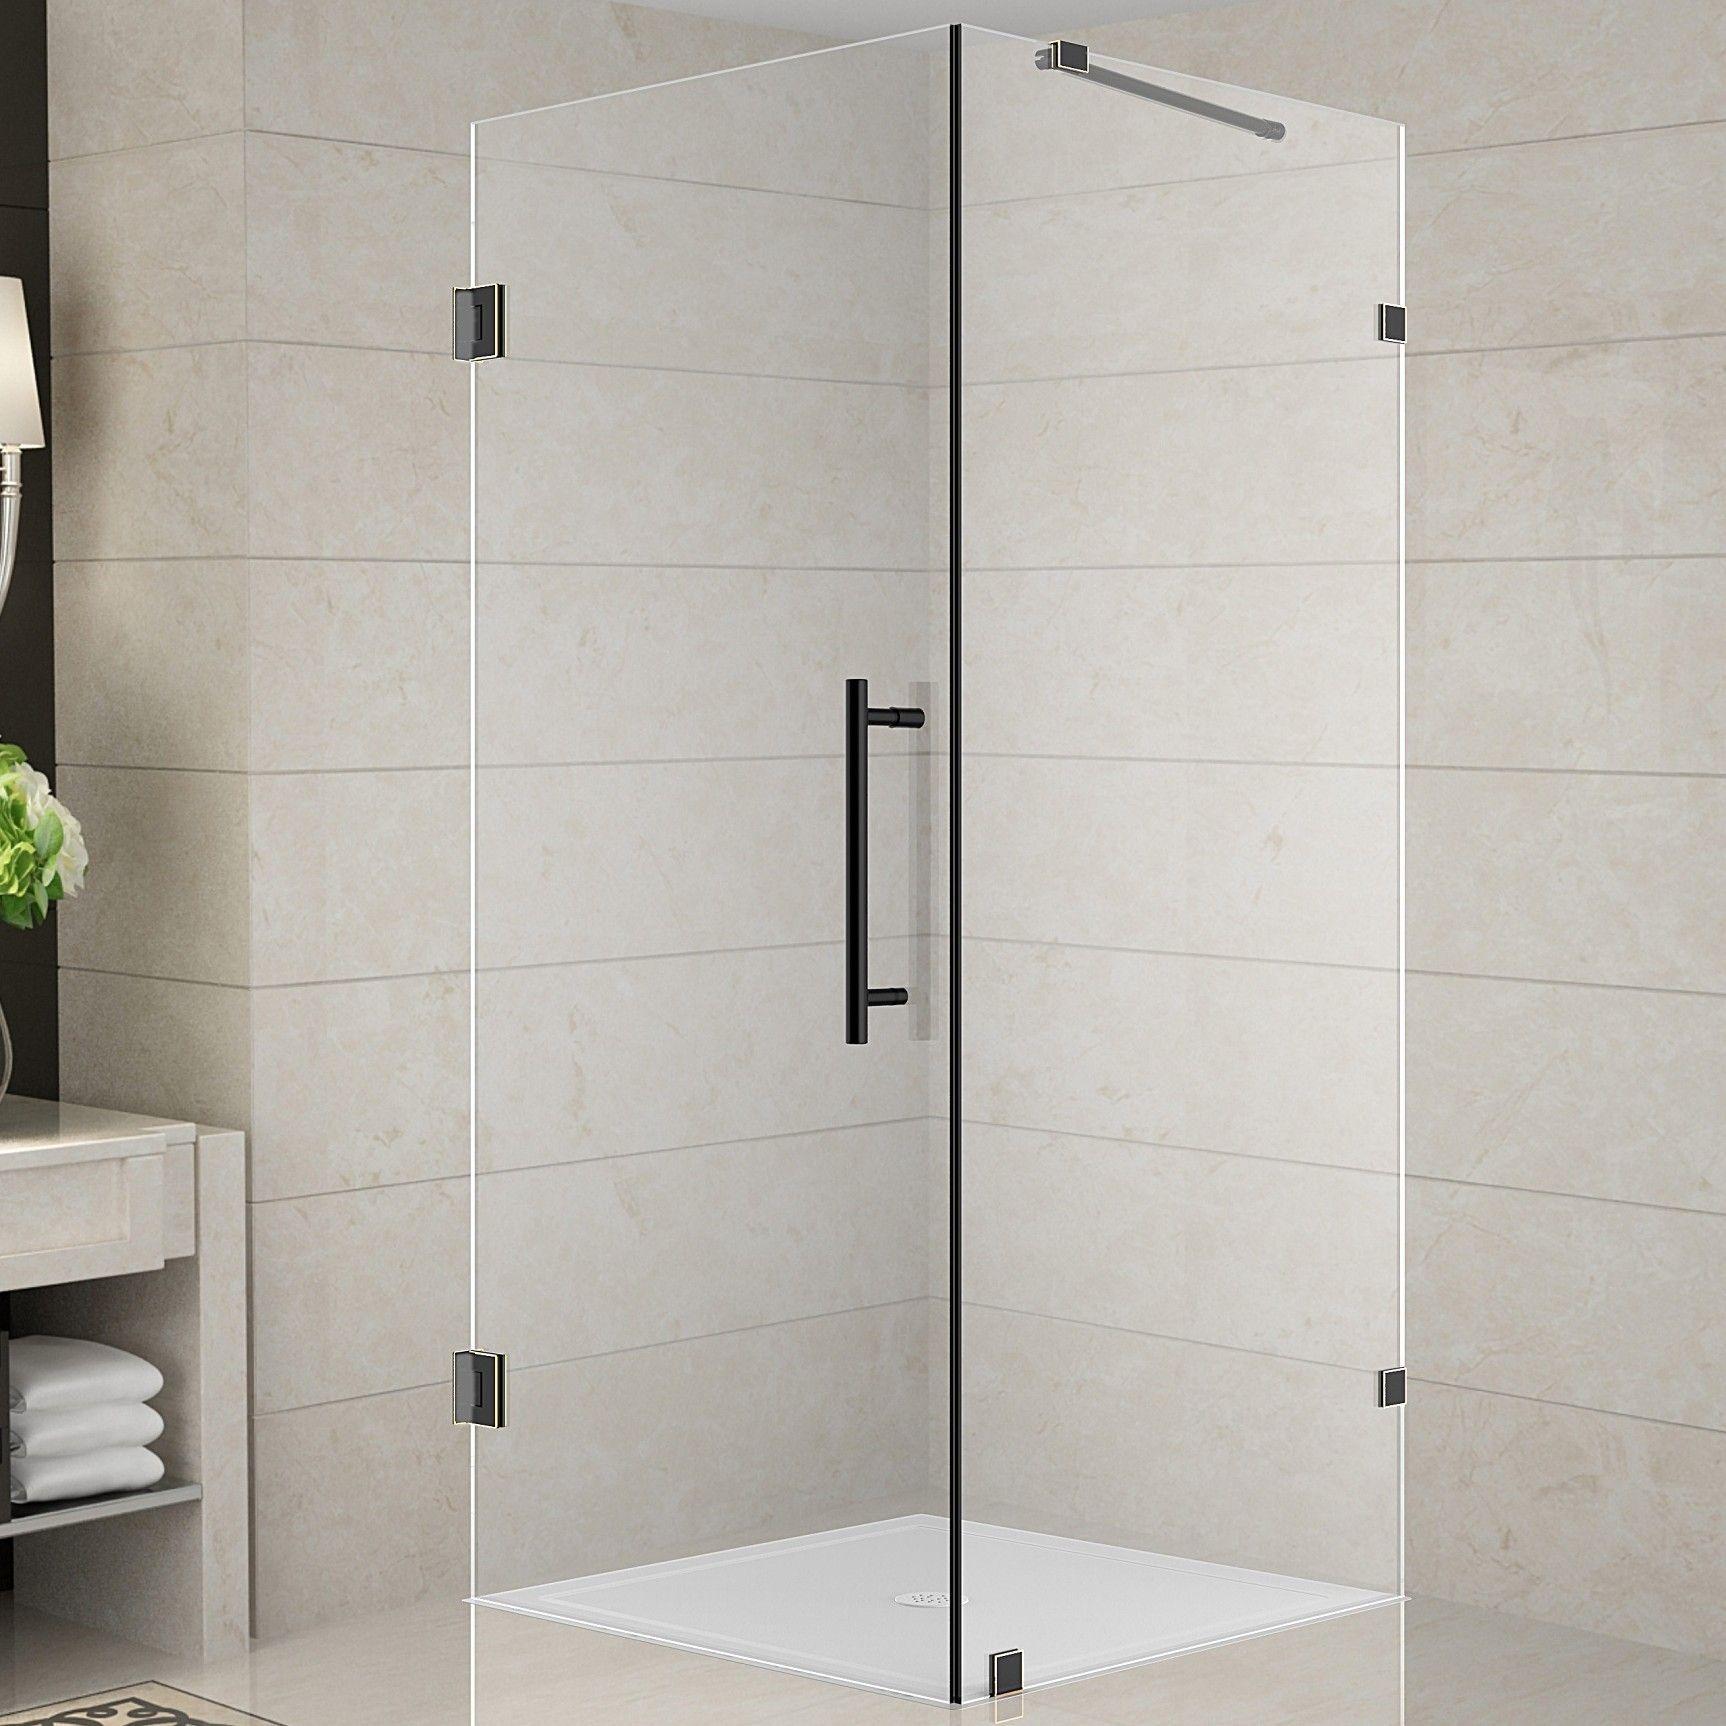 Aquadica 30 X 72 Square Hinged Shower Enclosure Shower Enclosure Square Shower Enclosures Pivot Doors